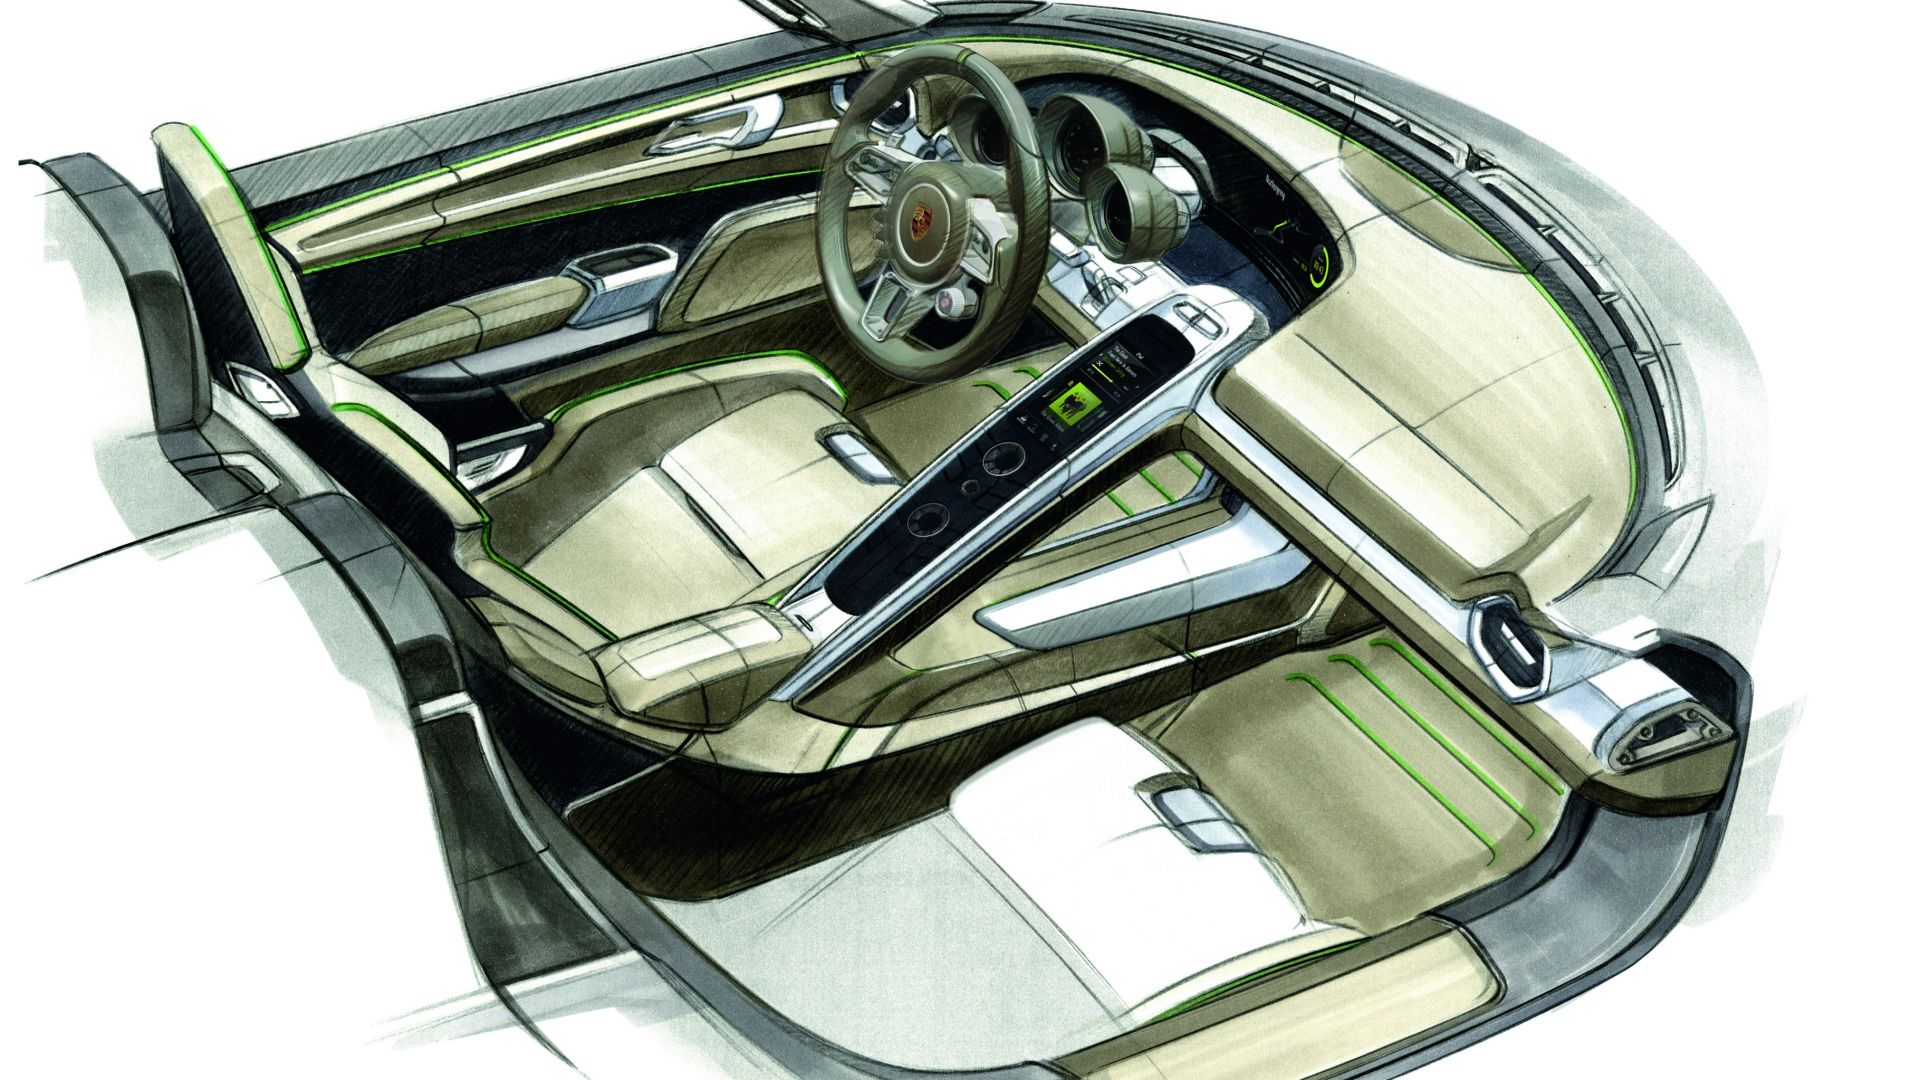 Prossimamente porsche 918 spyder il prezzo vero motorbox for Costo per costruire 3 box auto indipendenti